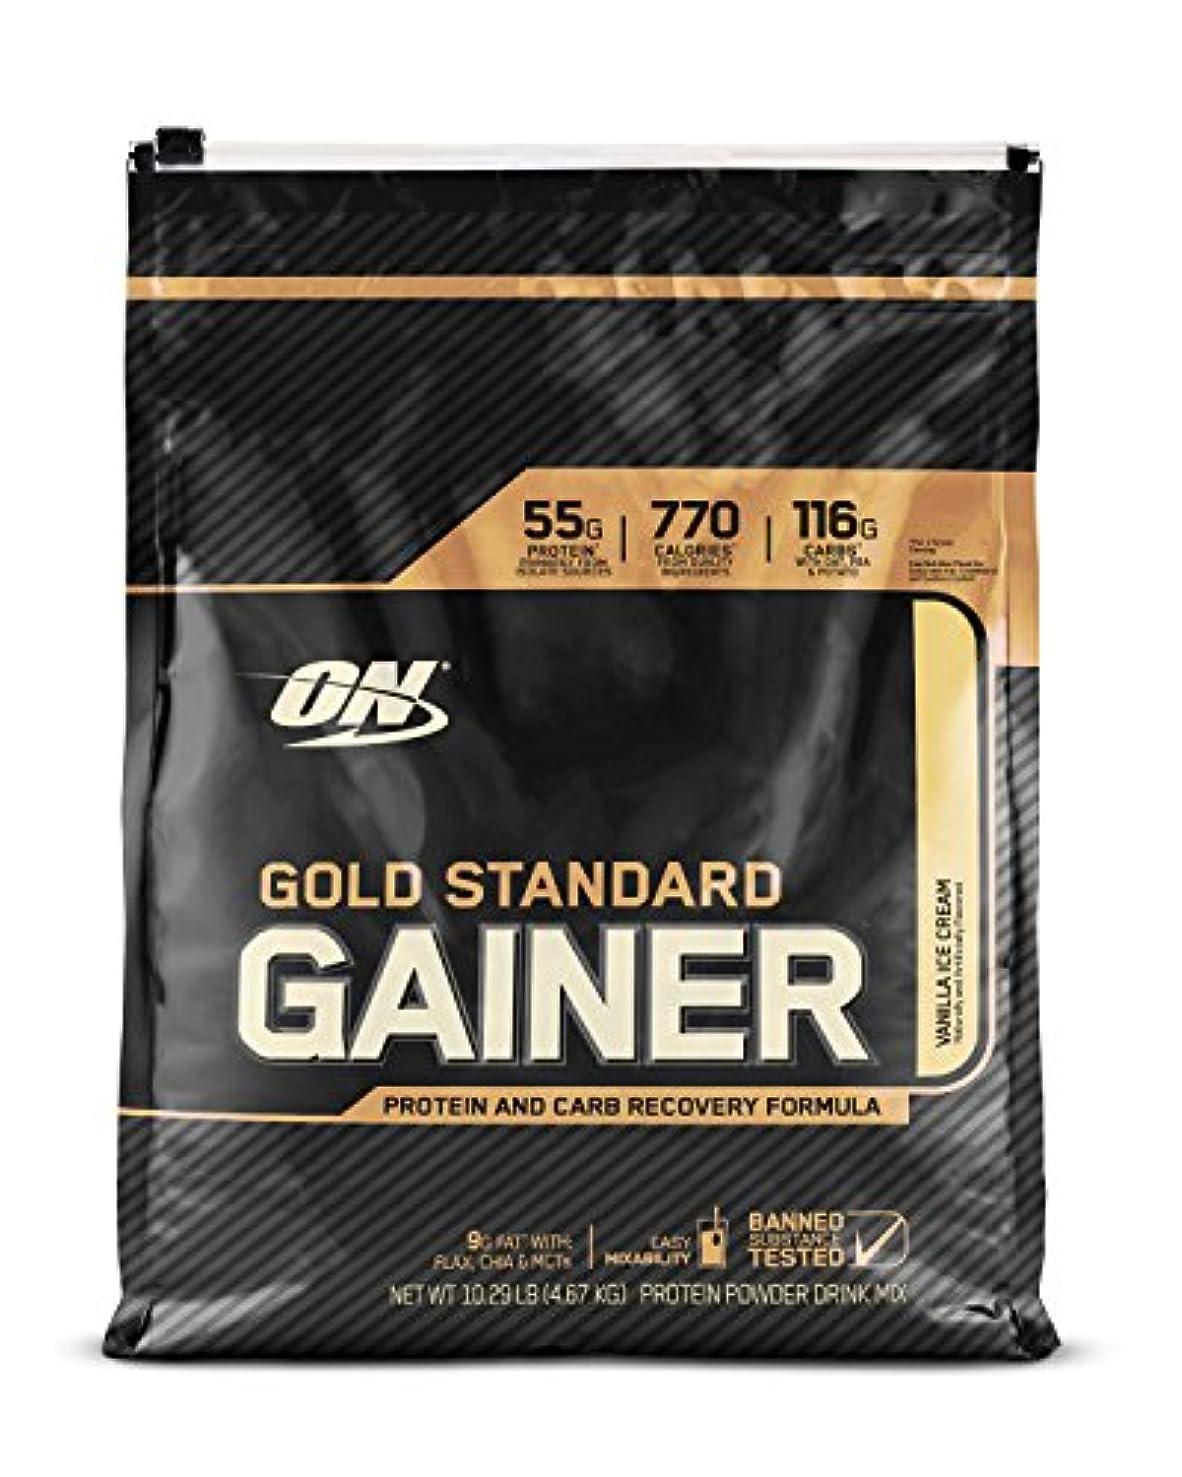 不愉快に対処消化ゴールドスタンダード ゲイナー 10LB バニラアイスクリーム (Gold Standard Gainer 10LB Vanilla Ice Cream) [海外直送品] [並行輸入品]